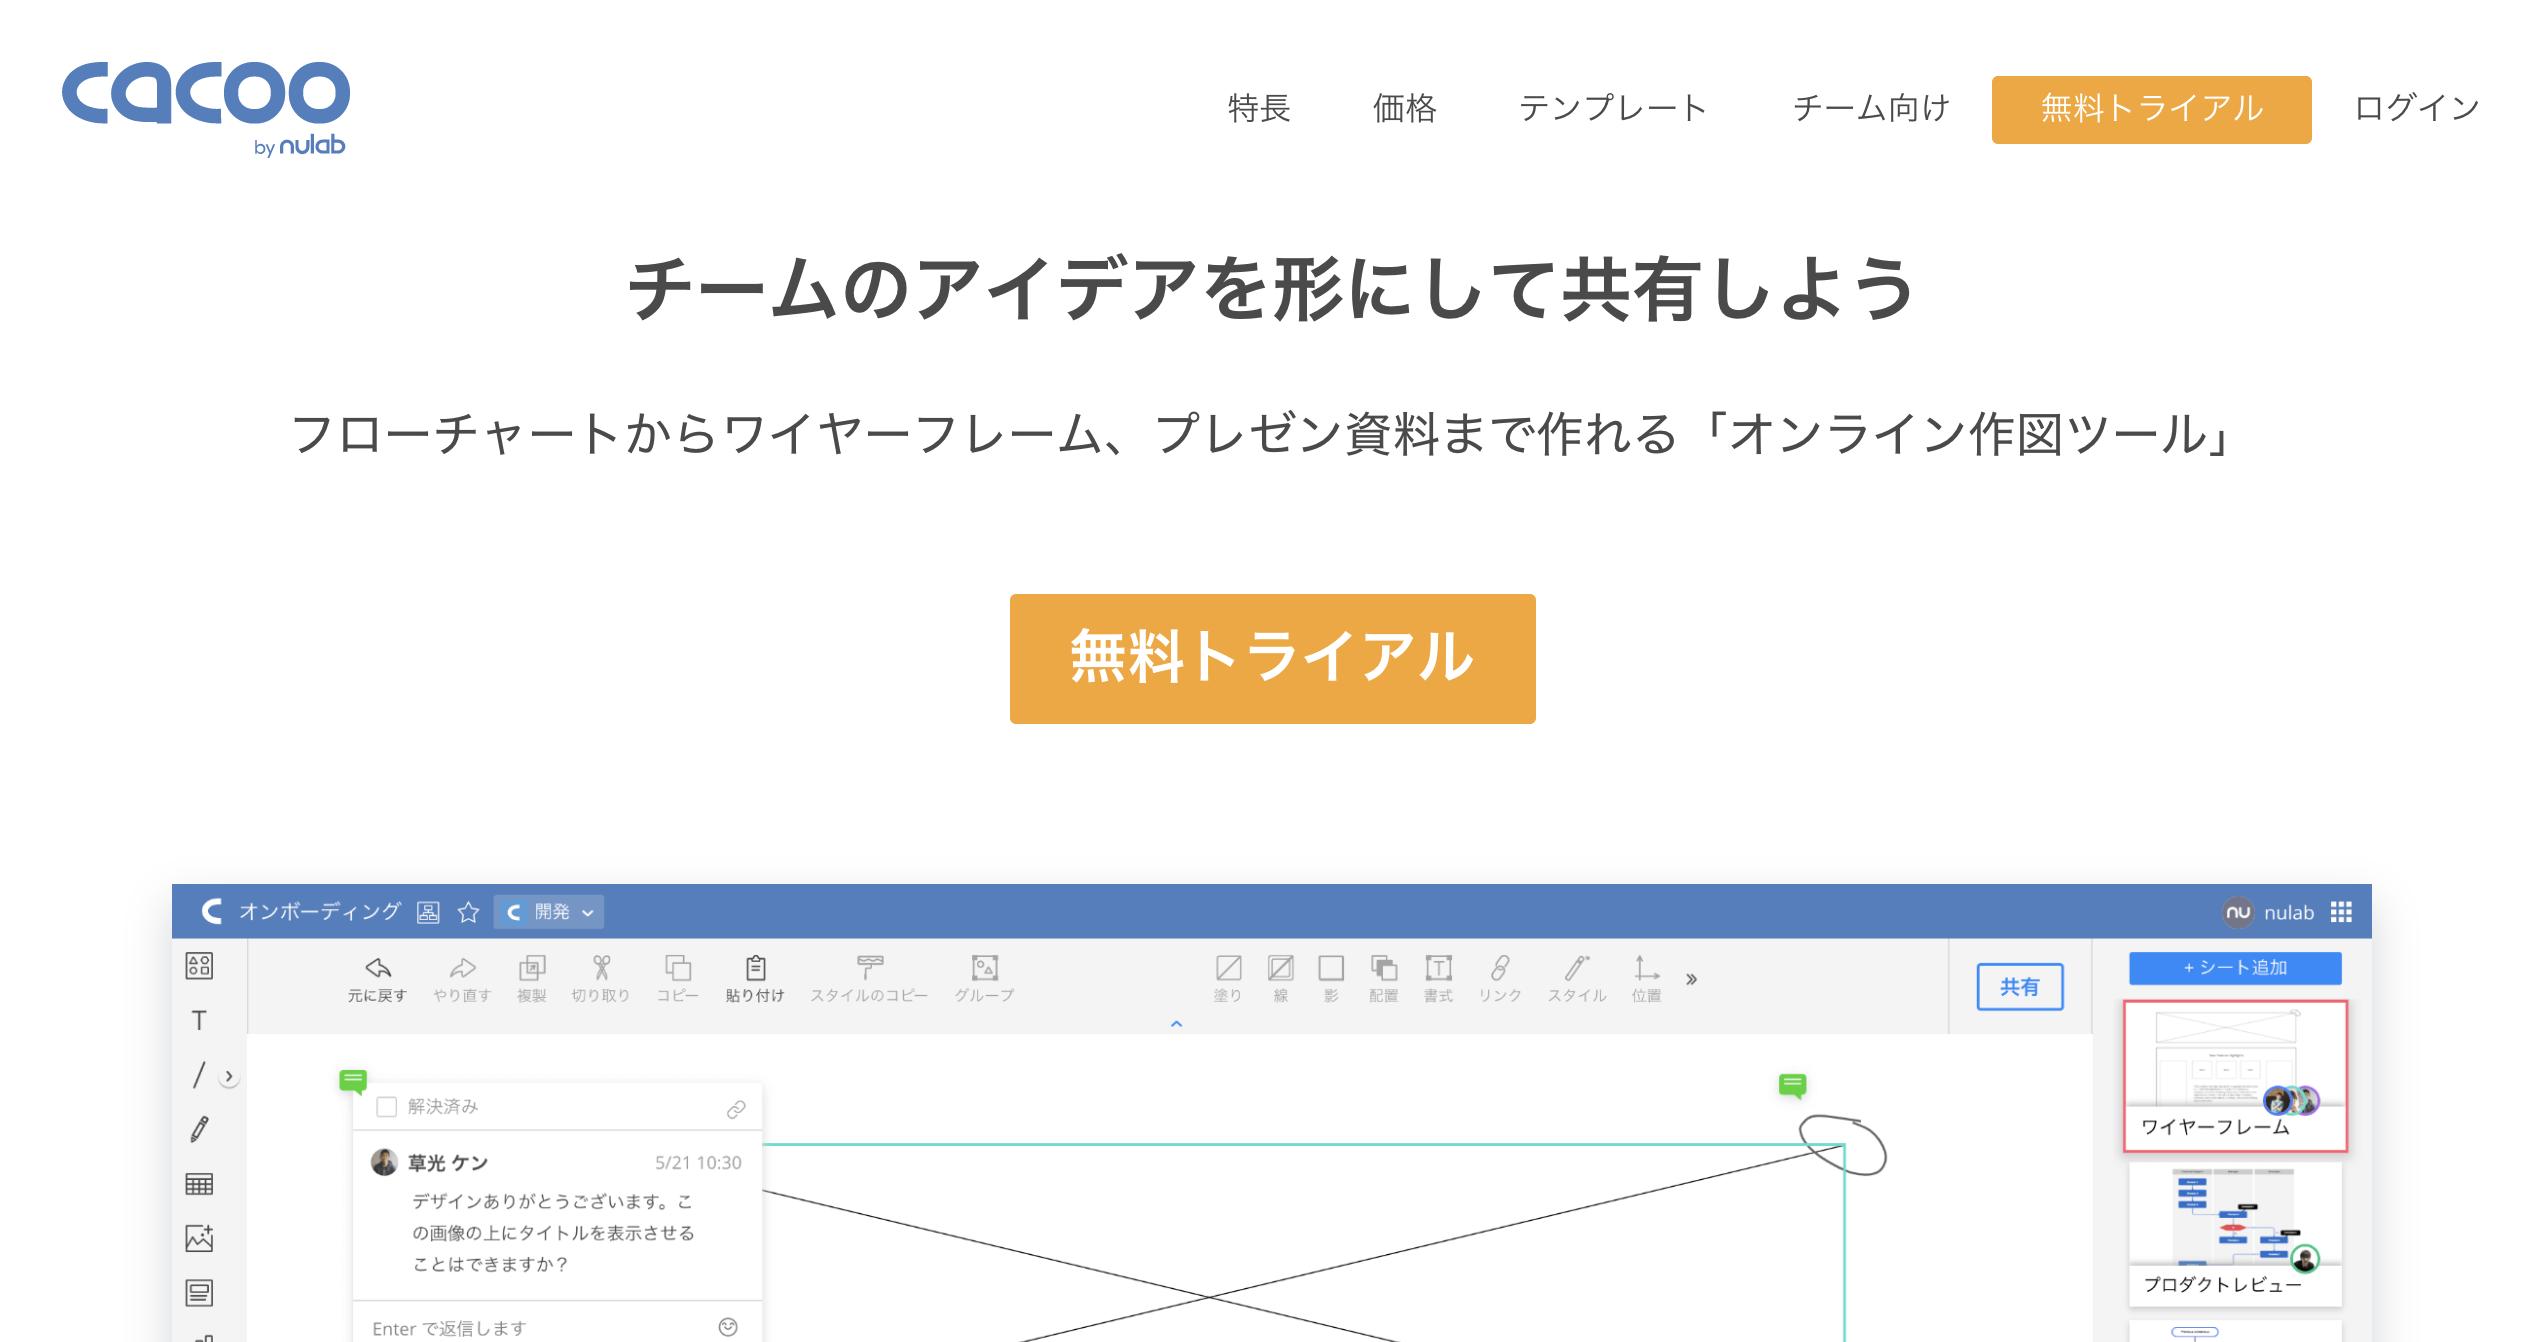 Cacoo_ワイヤーフレームツール